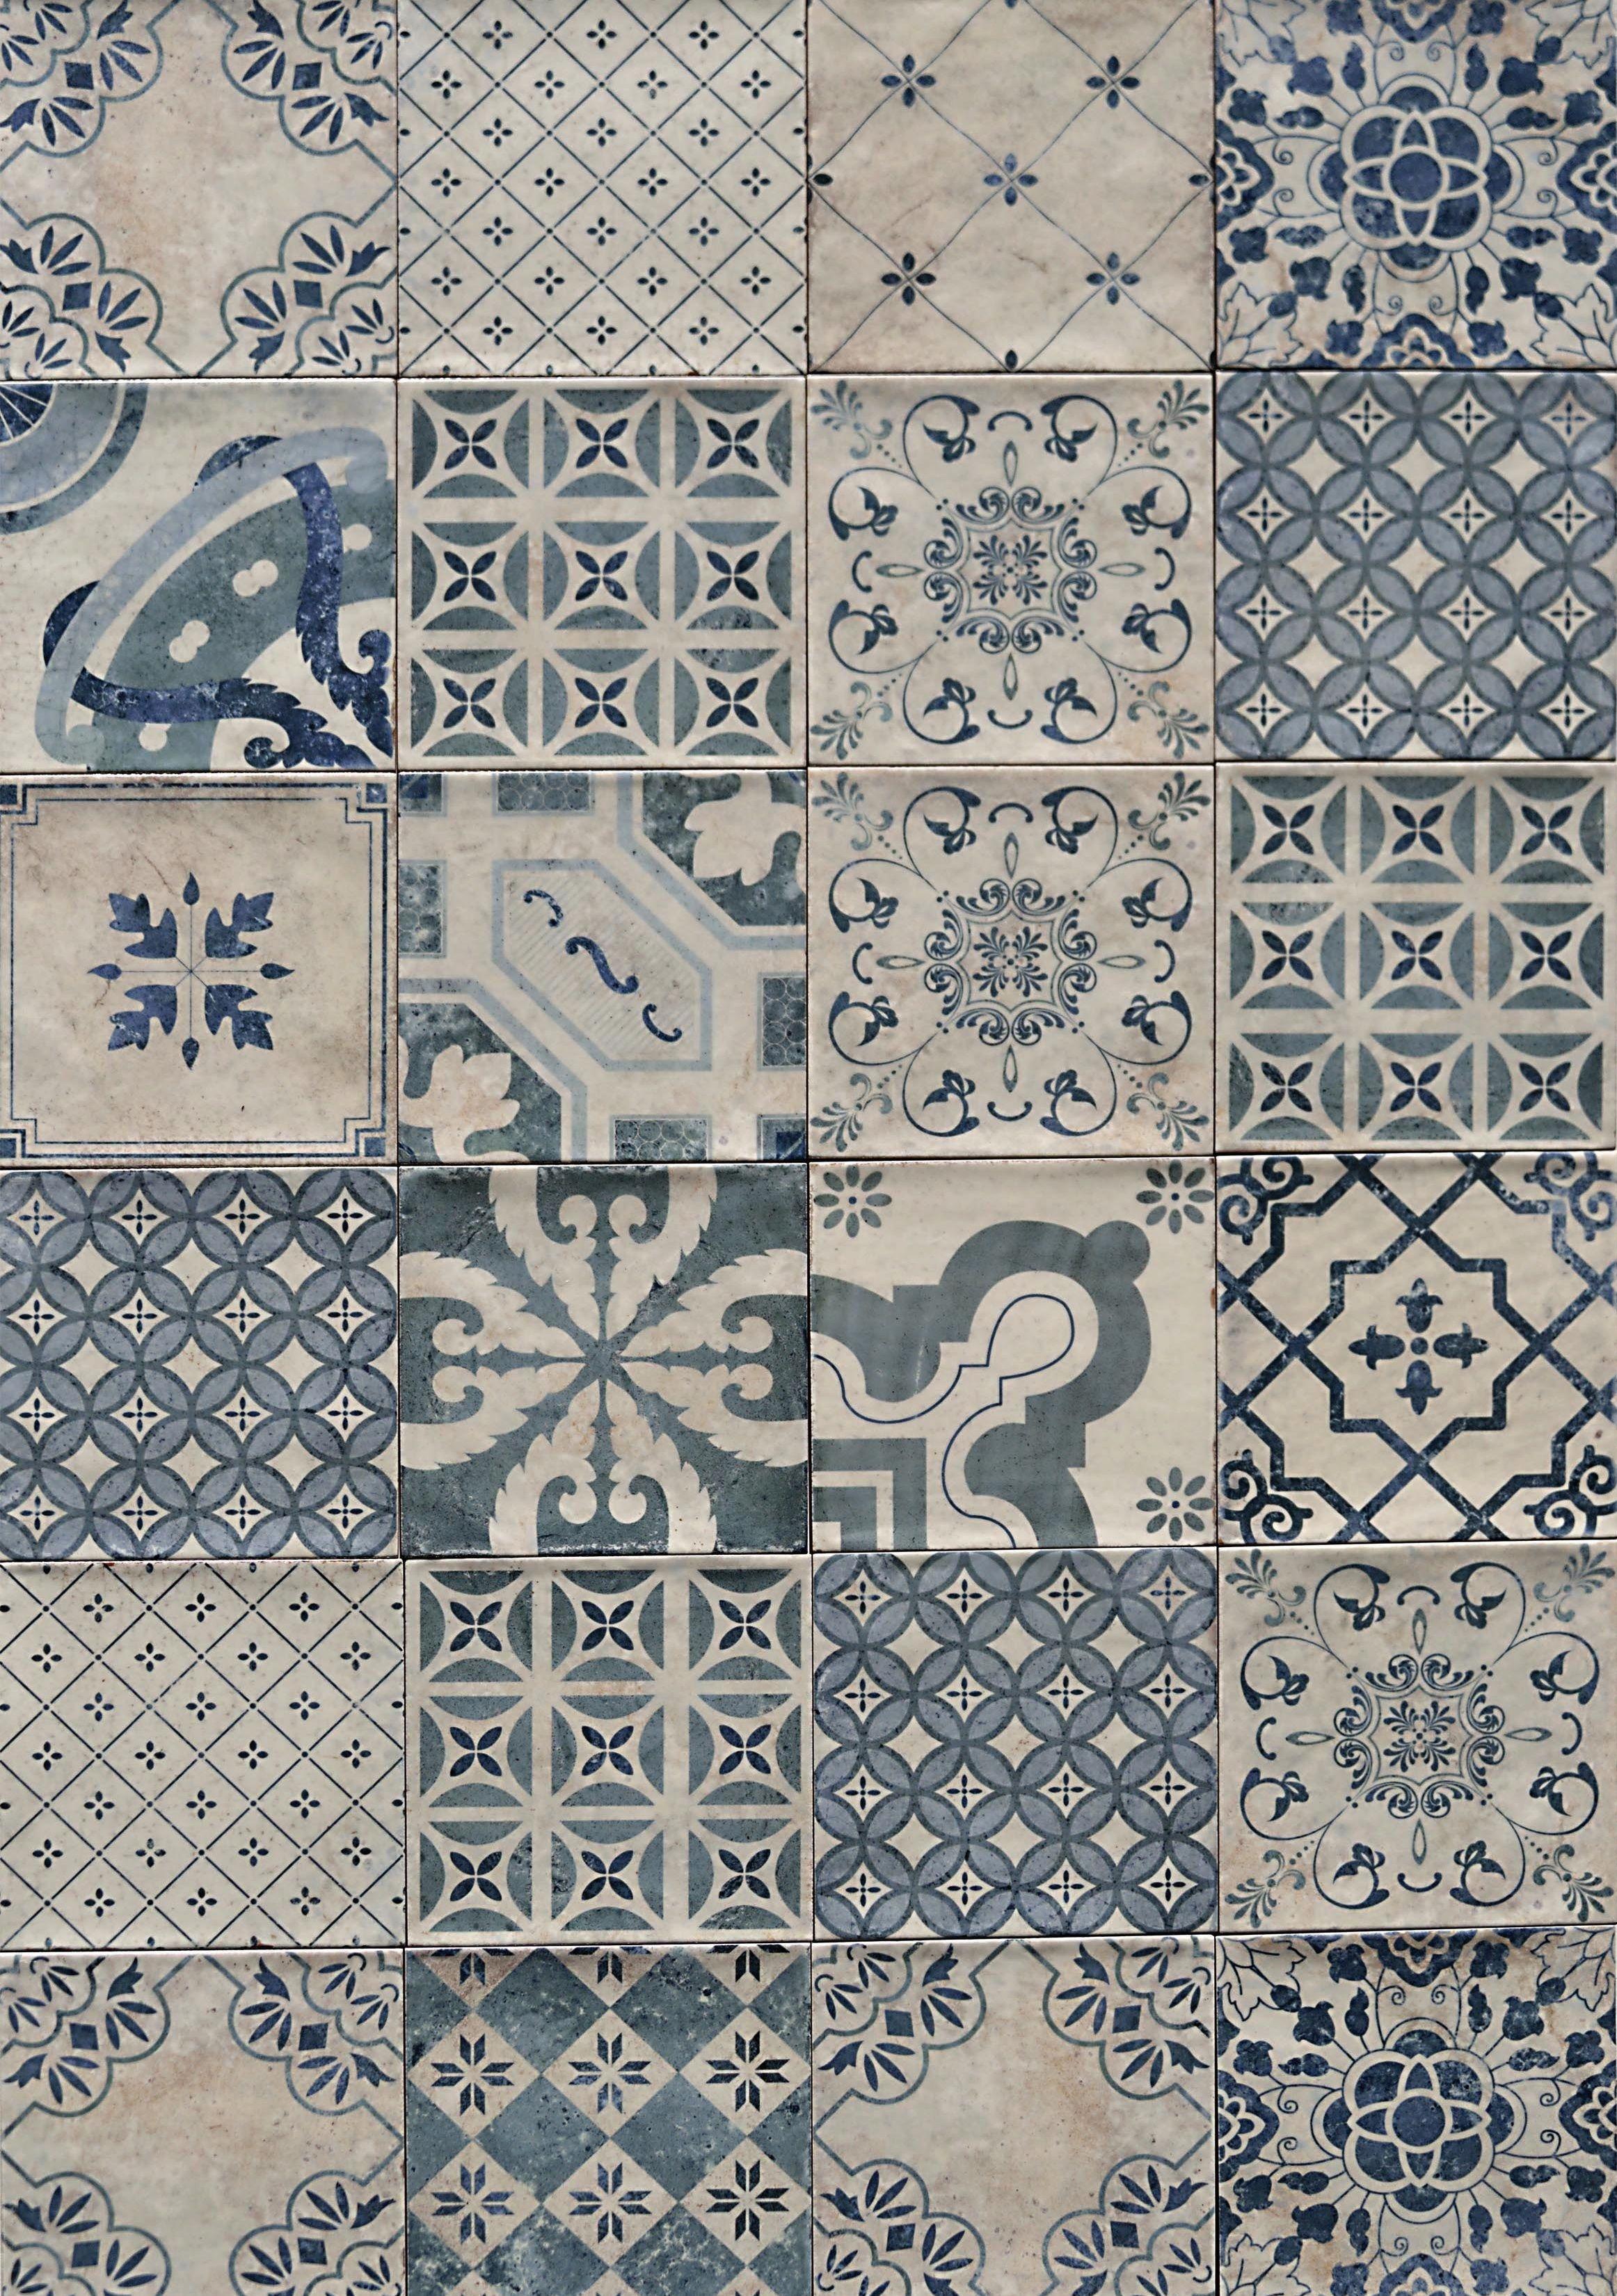 keuken wandtegels portugees : Dekor Antiqua Glanzende Wandtegels Mix Per M2 Online Bestellen